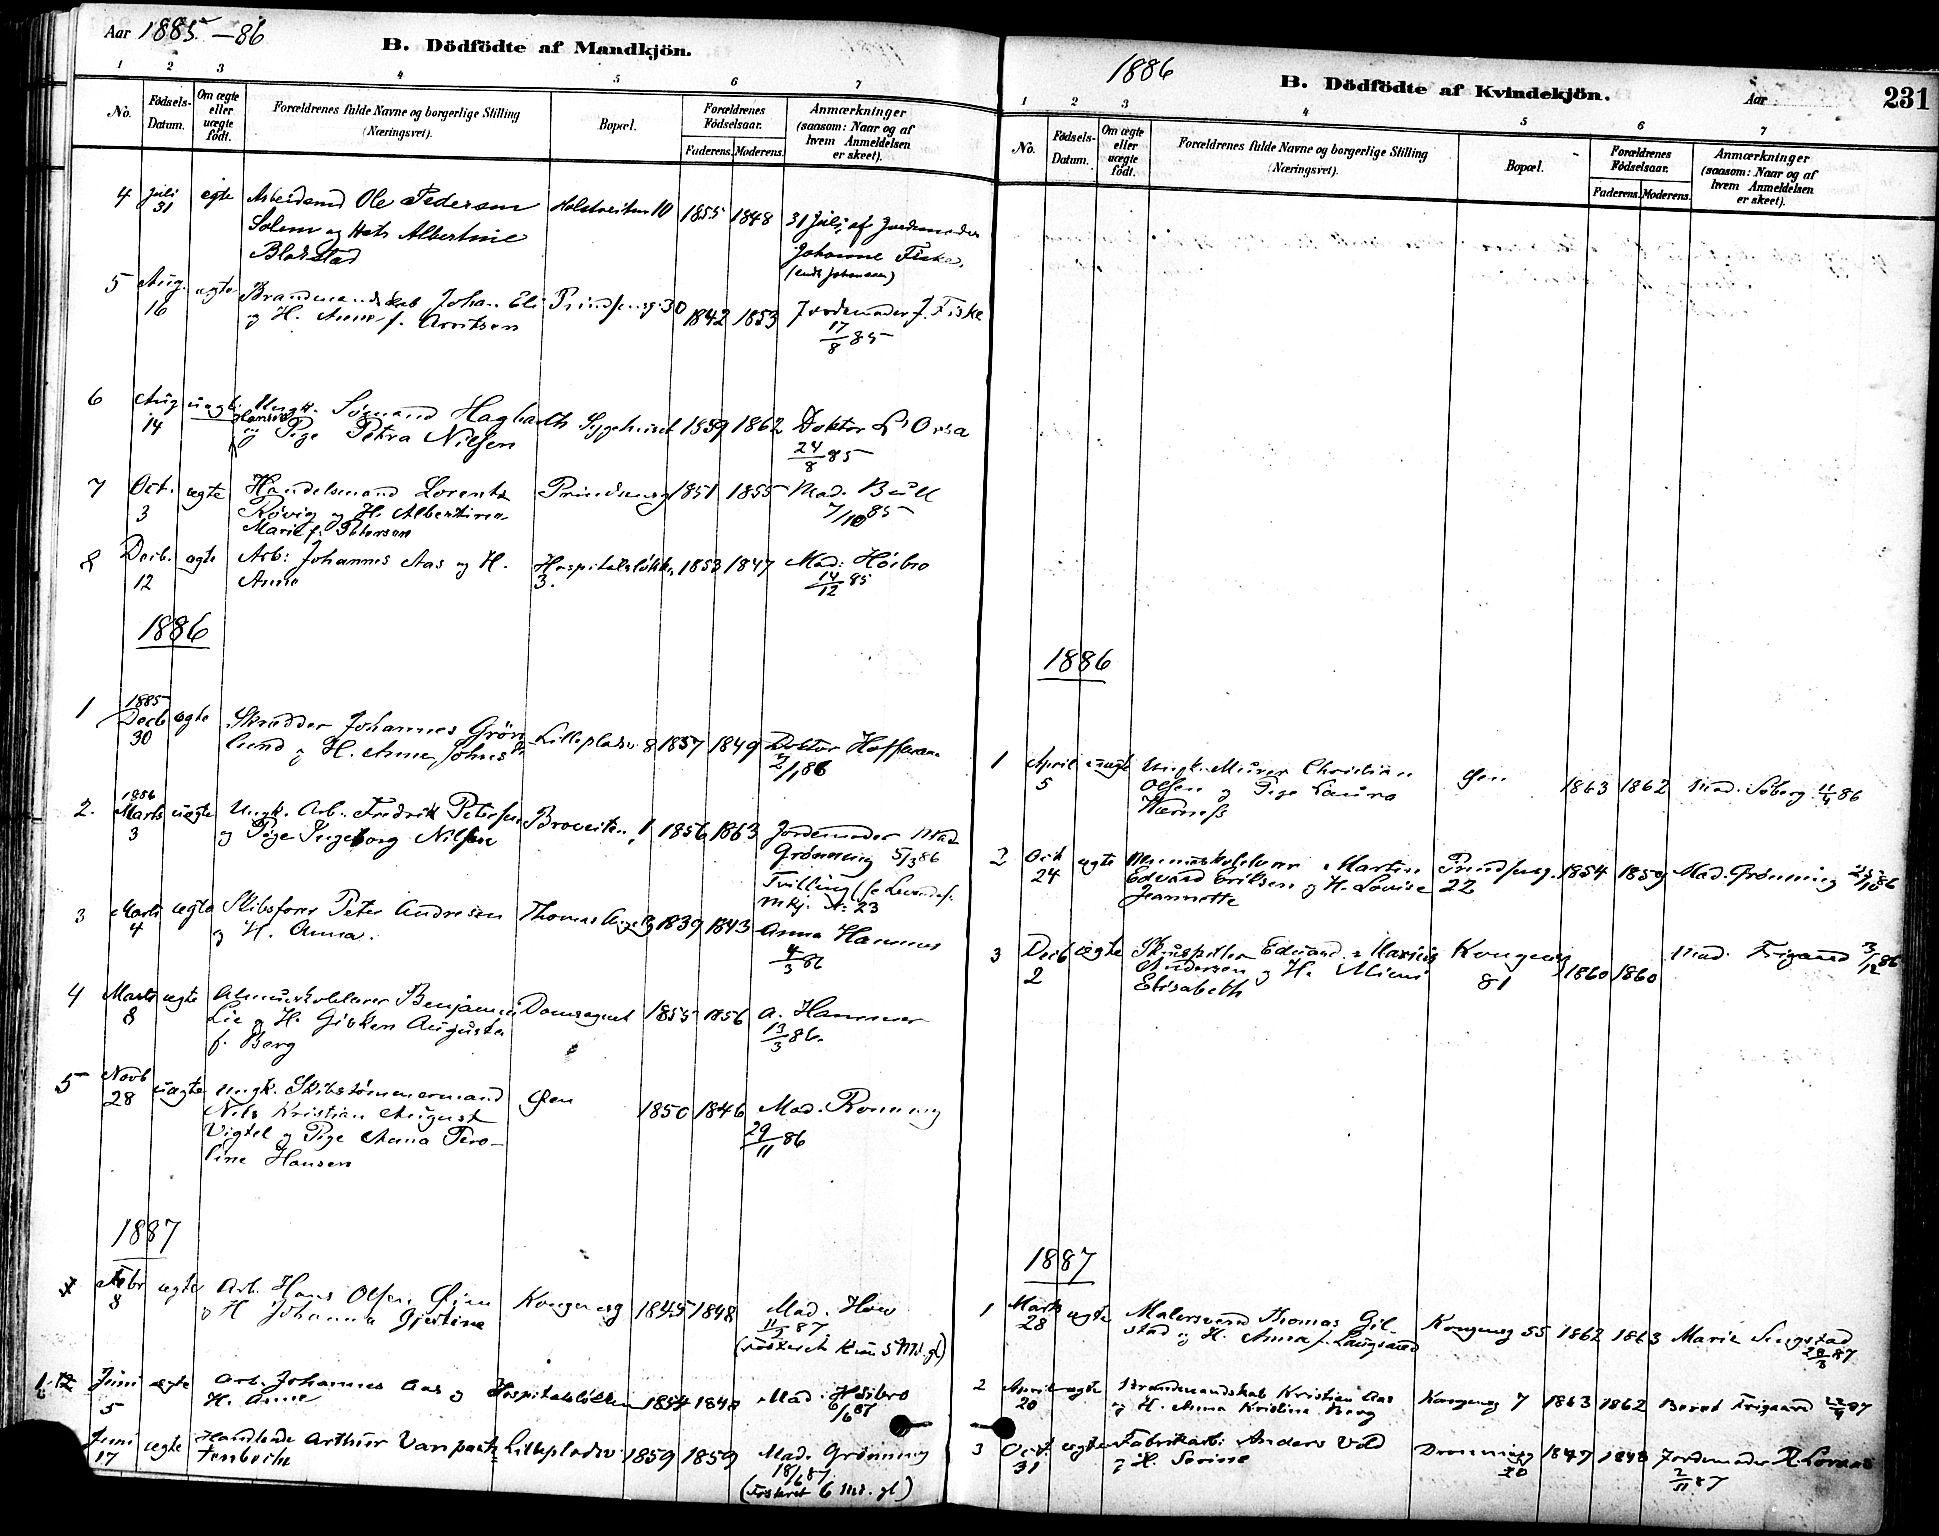 SAT, Ministerialprotokoller, klokkerbøker og fødselsregistre - Sør-Trøndelag, 601/L0057: Ministerialbok nr. 601A25, 1877-1891, s. 231